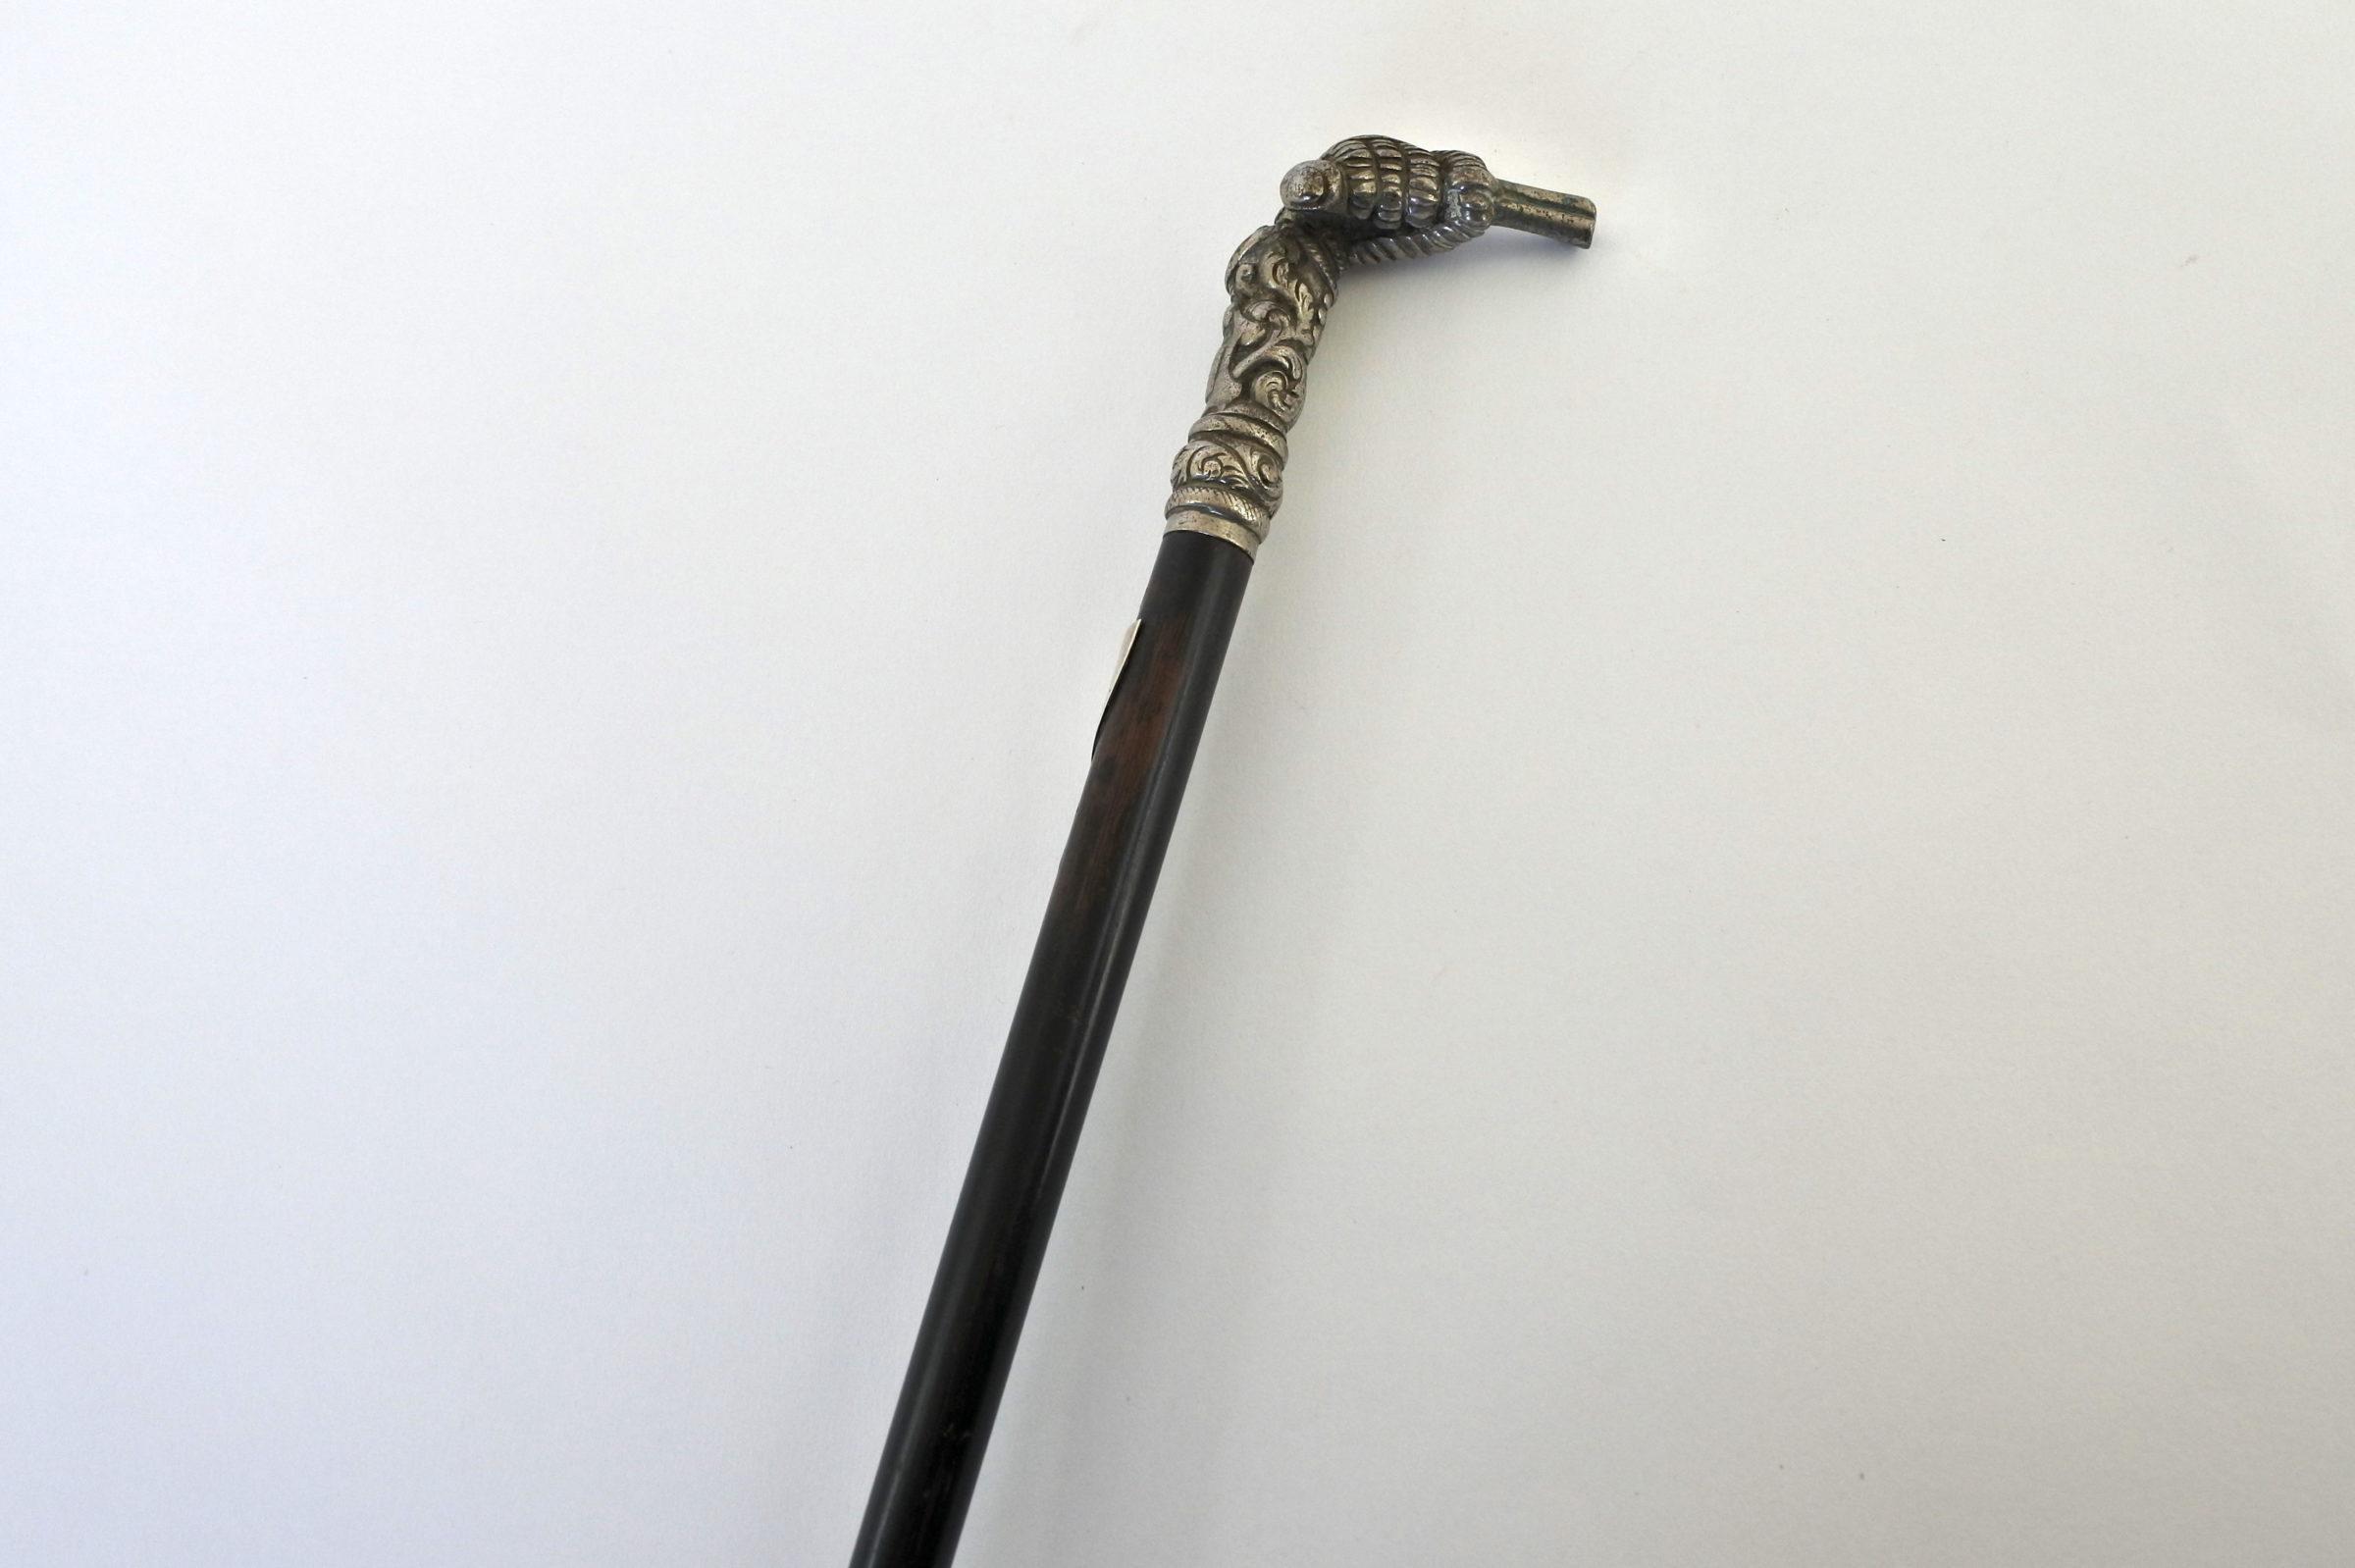 Bastone con impugnatura in metallo argentato a forma di mano con pistola - 3